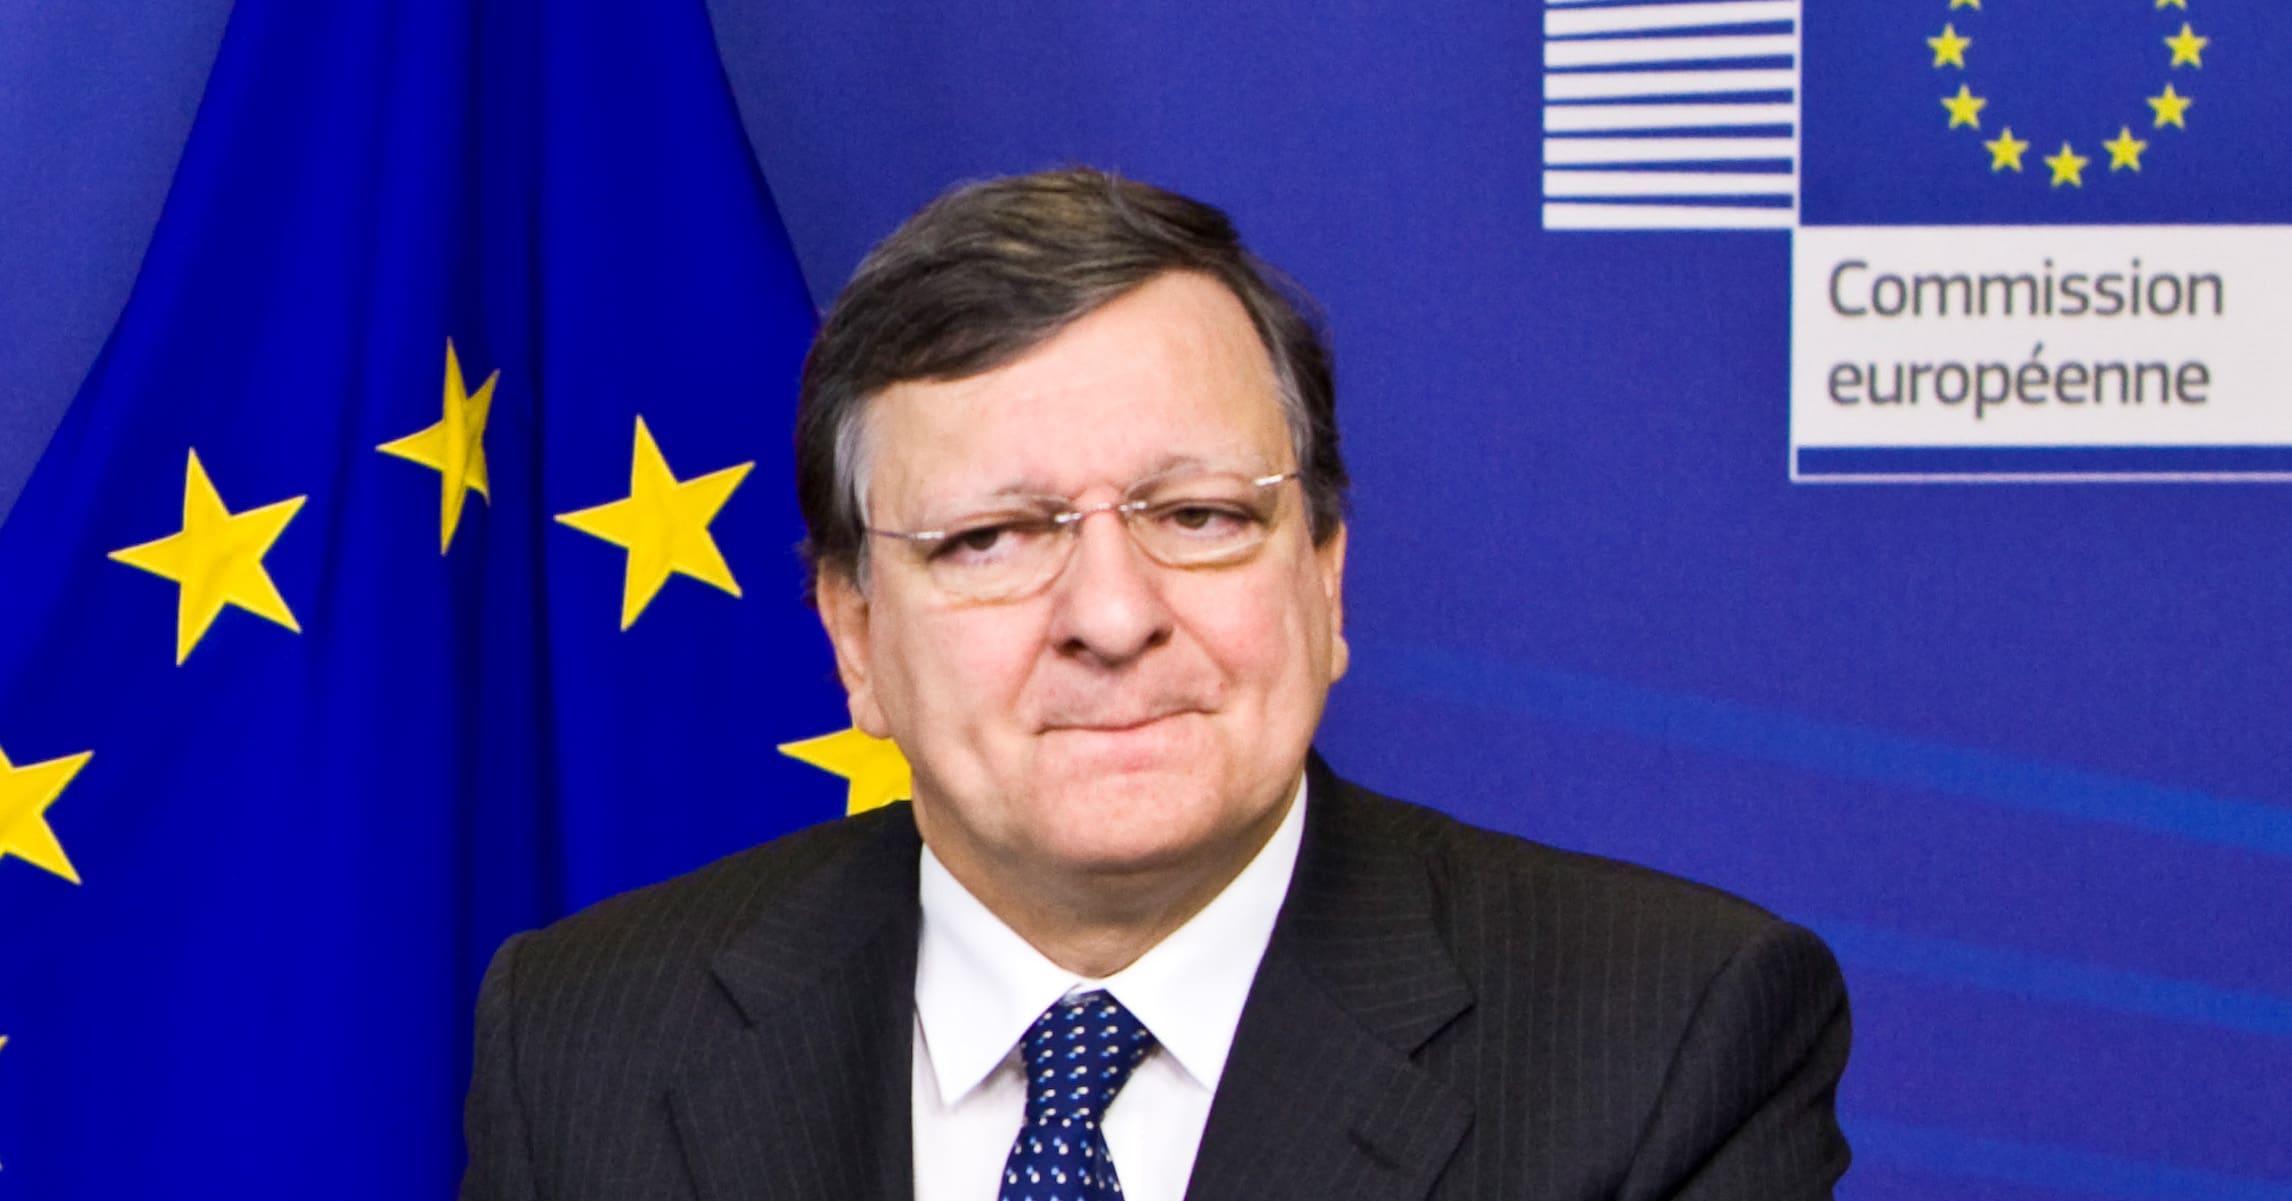 Barroso prétend exclure l'Écosse de l'Union européenne